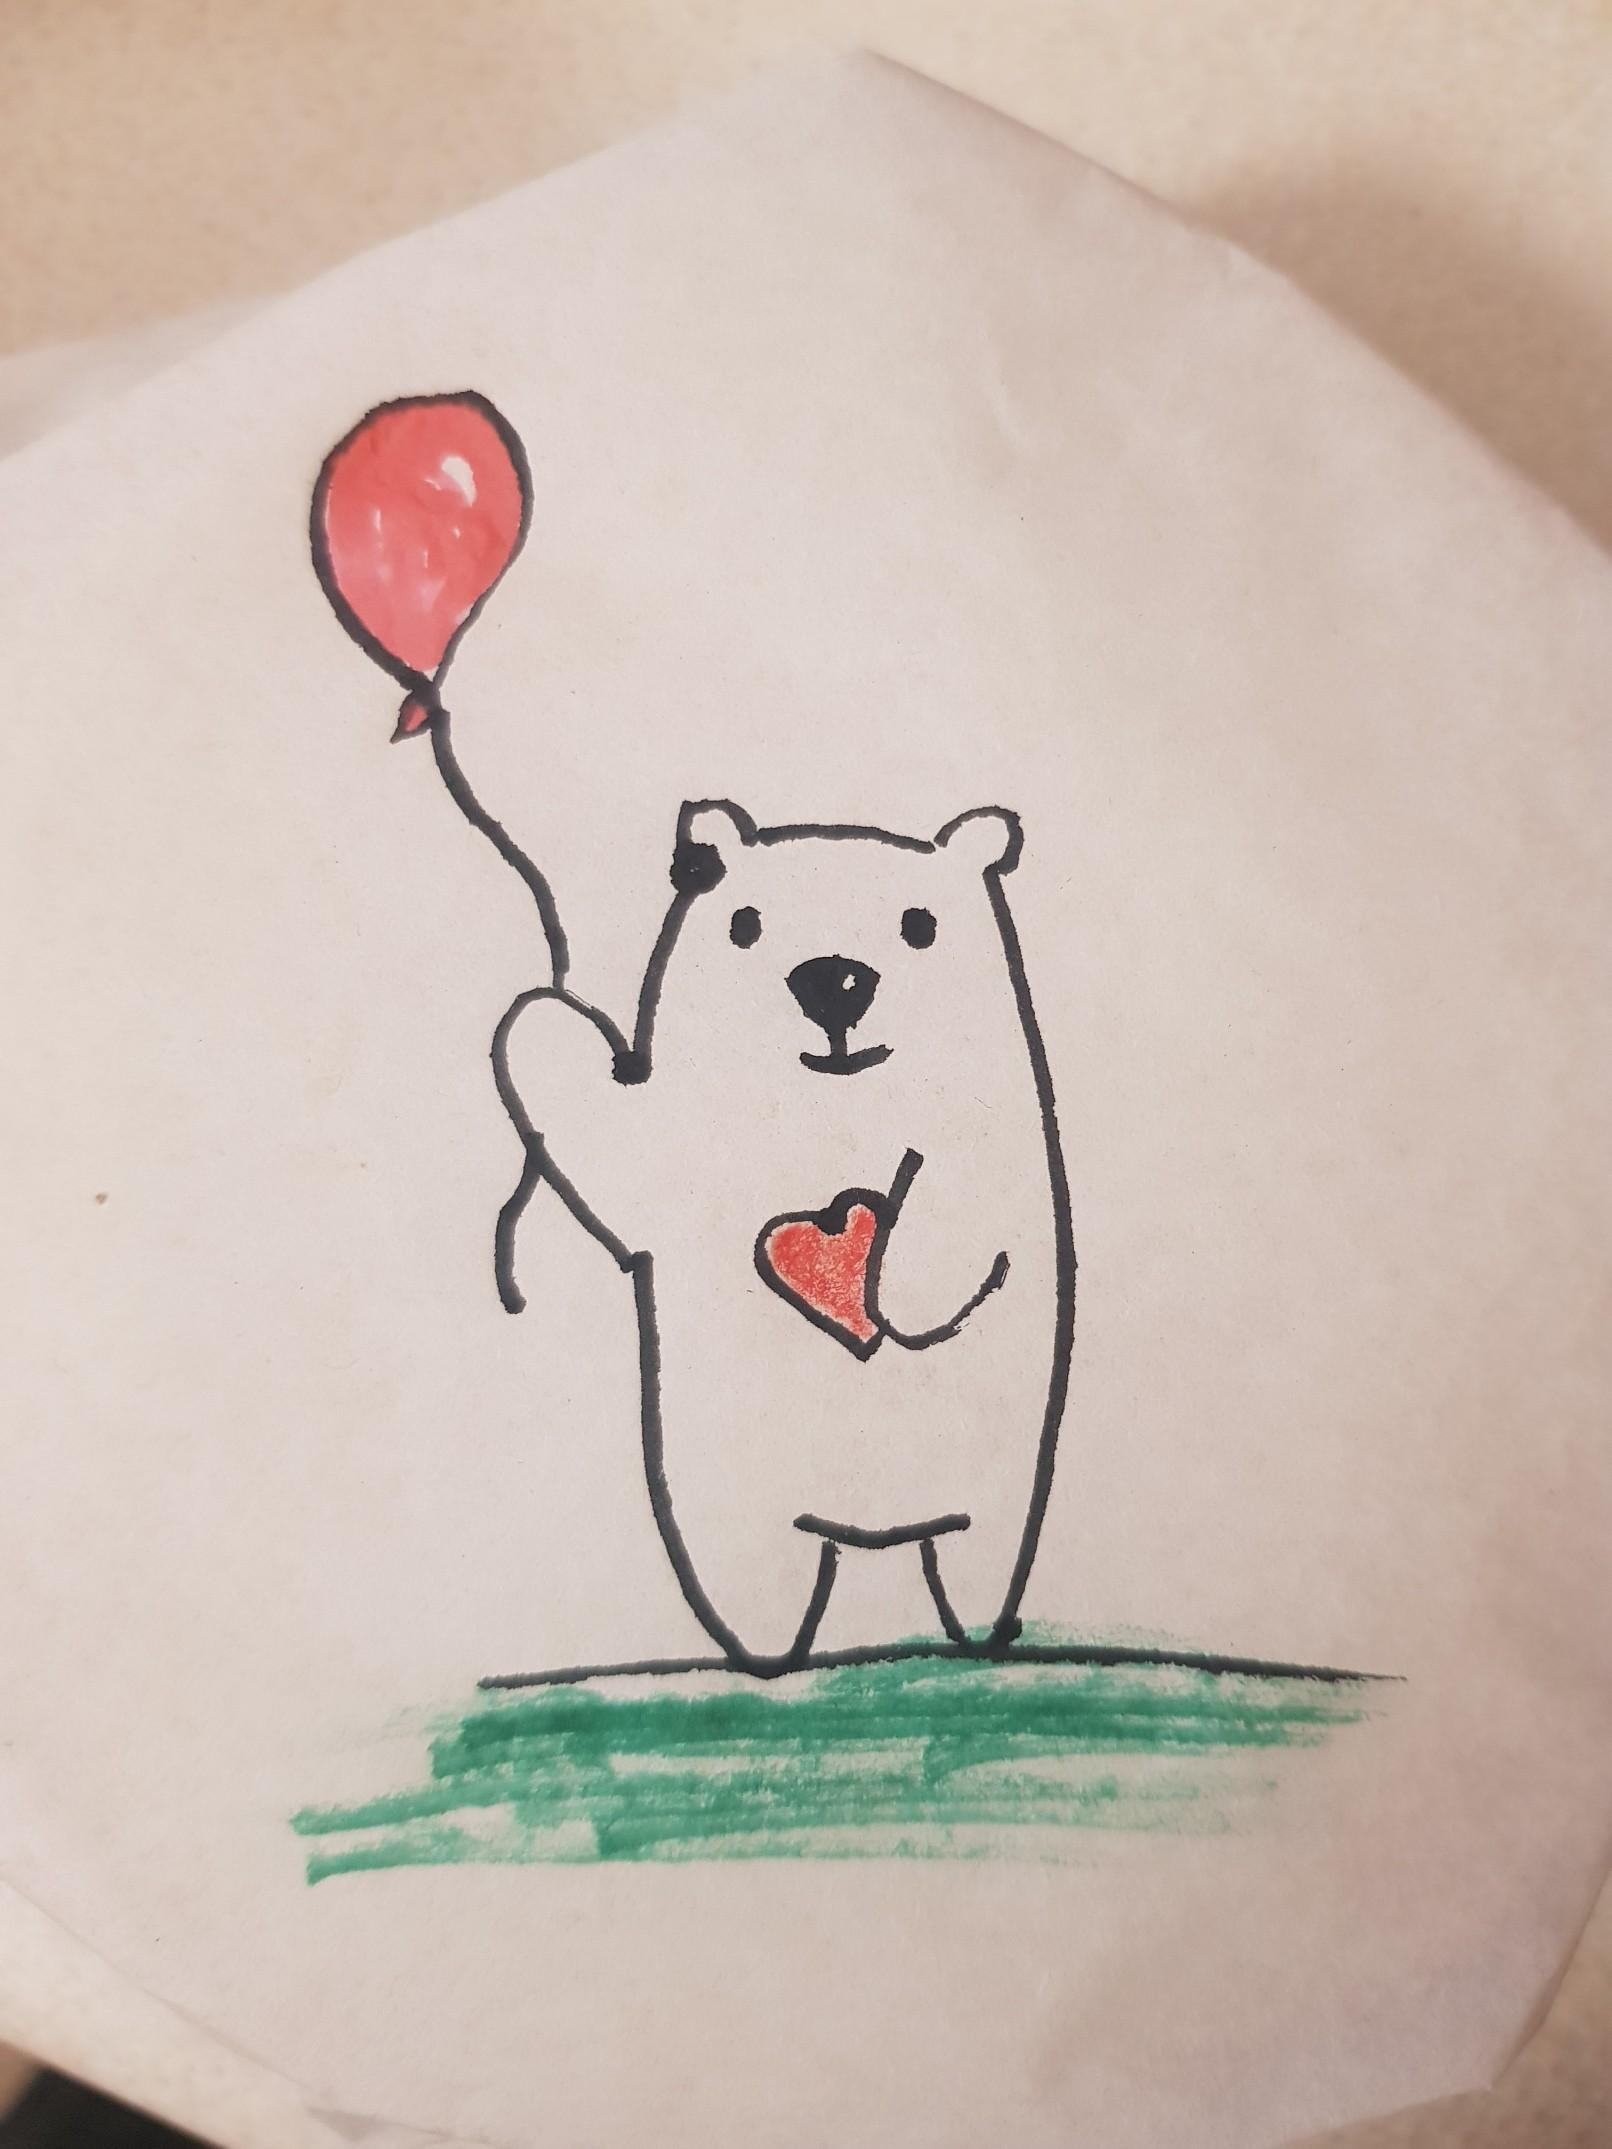 lunchbox art bear ballooon